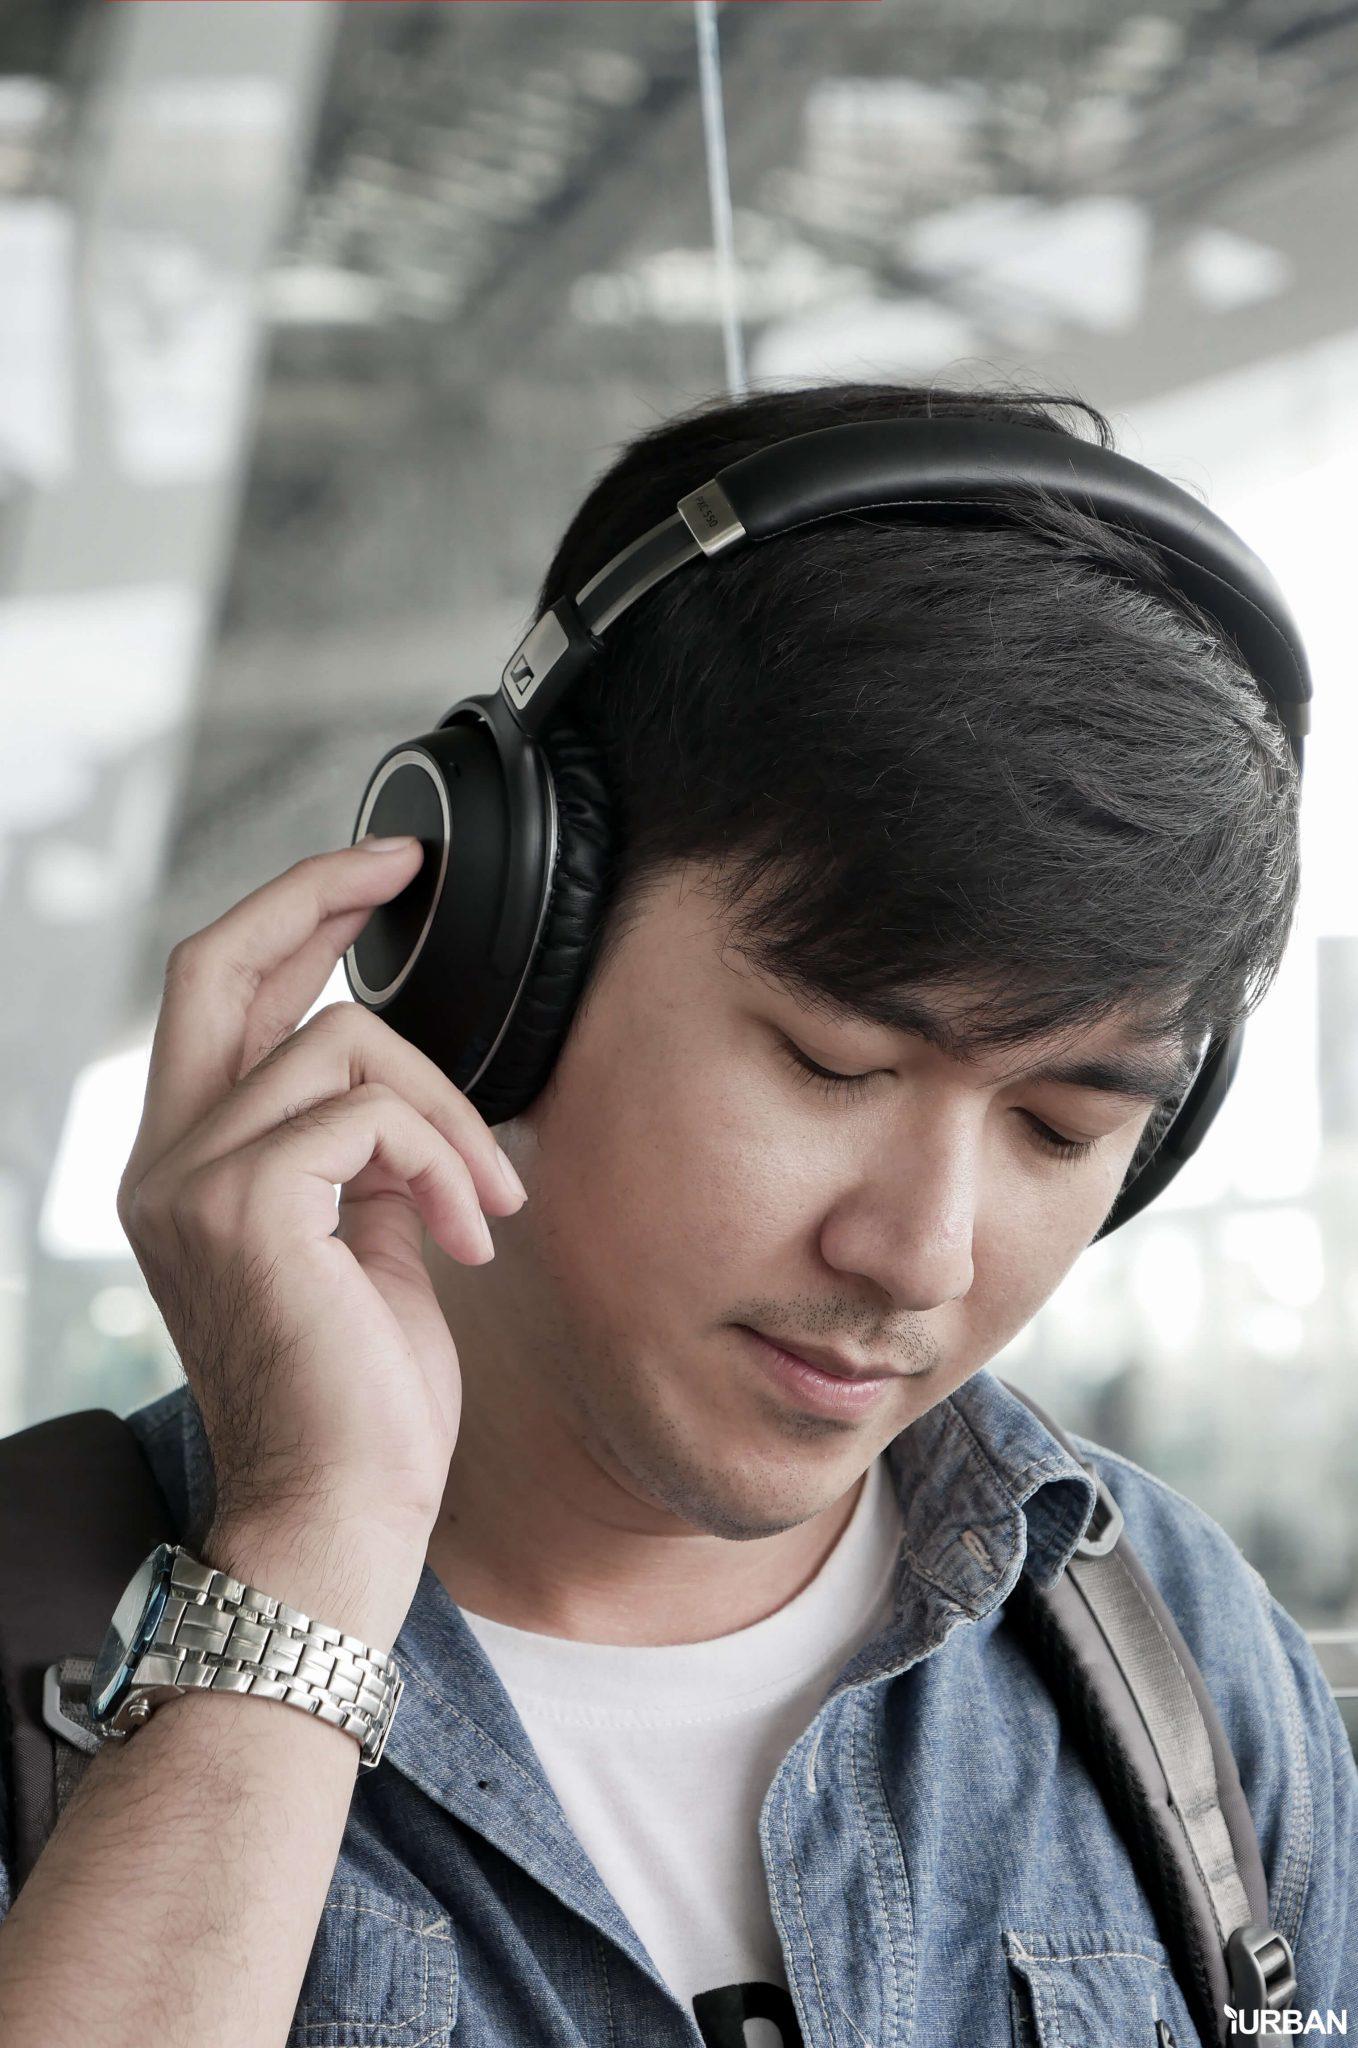 รีวิว Sennheiser PXC 550 Wireless หูฟังอัจฉริยะระดับเฟิร์สคลาส คู่ใจสำหรับนักเดินทาง 19 - Premium